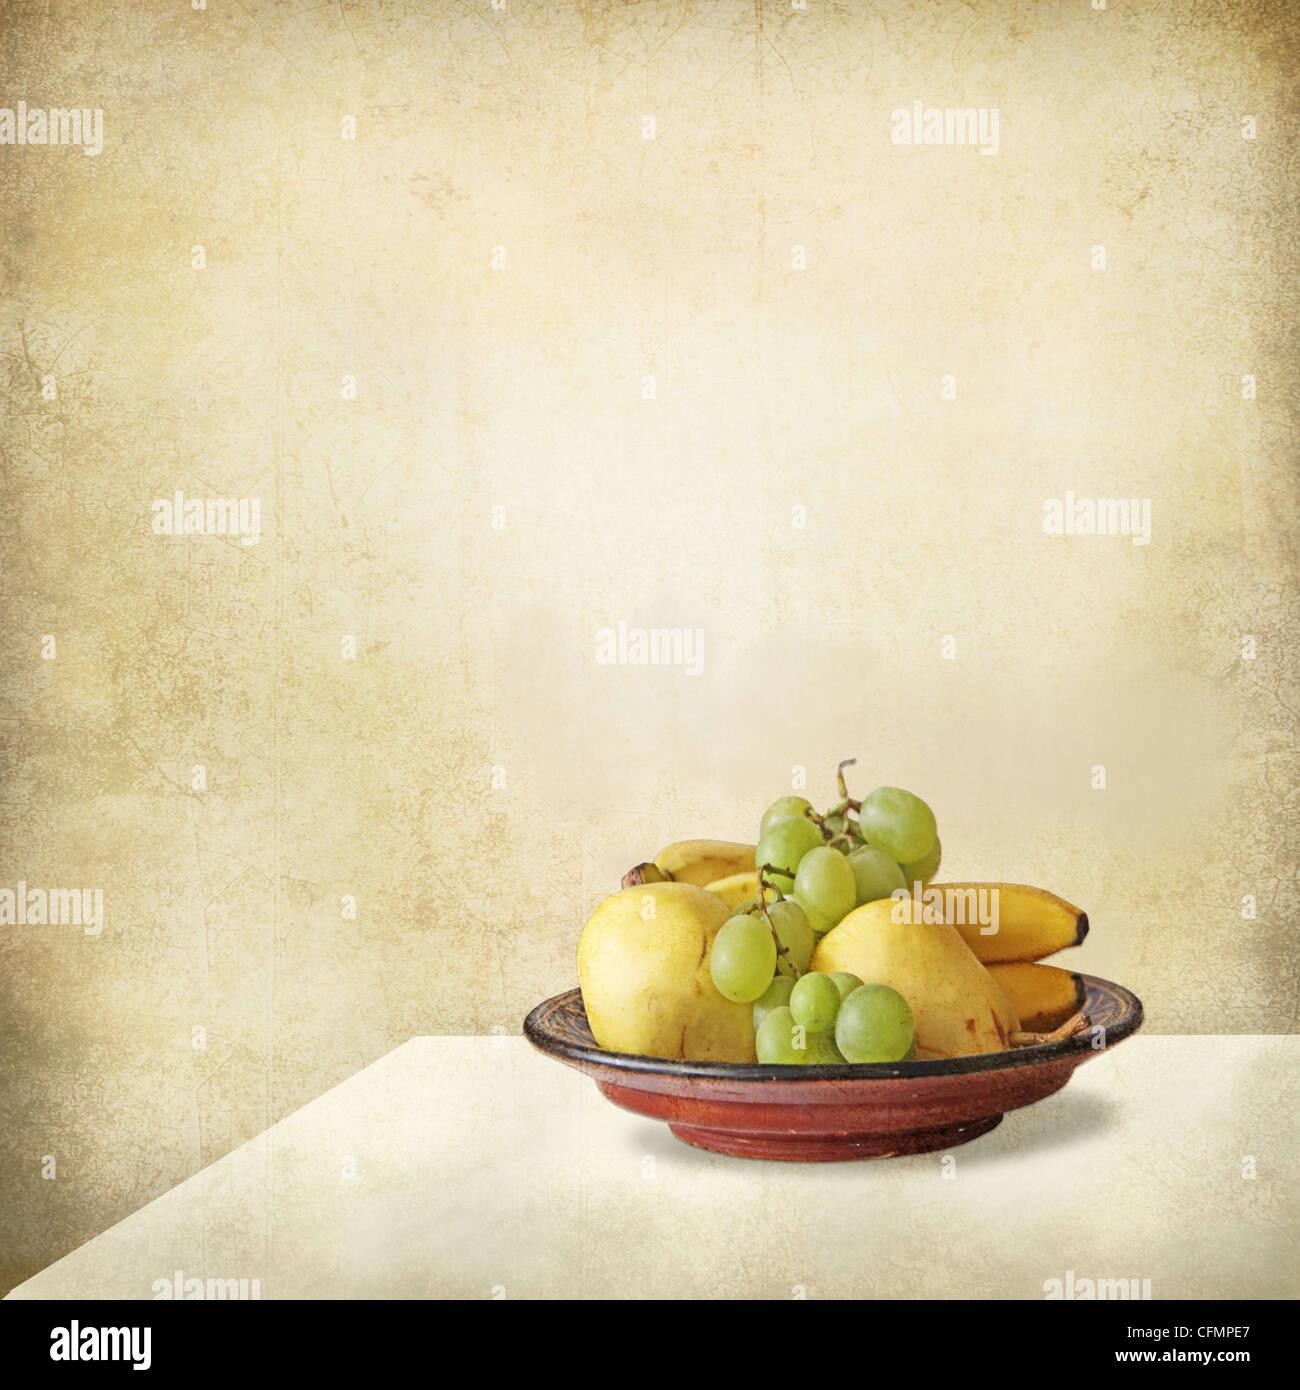 Grunge encore vie d'un intérieur lumineux, une table et un bac plein de fruits, raisins, bananes, poires. Photo Stock